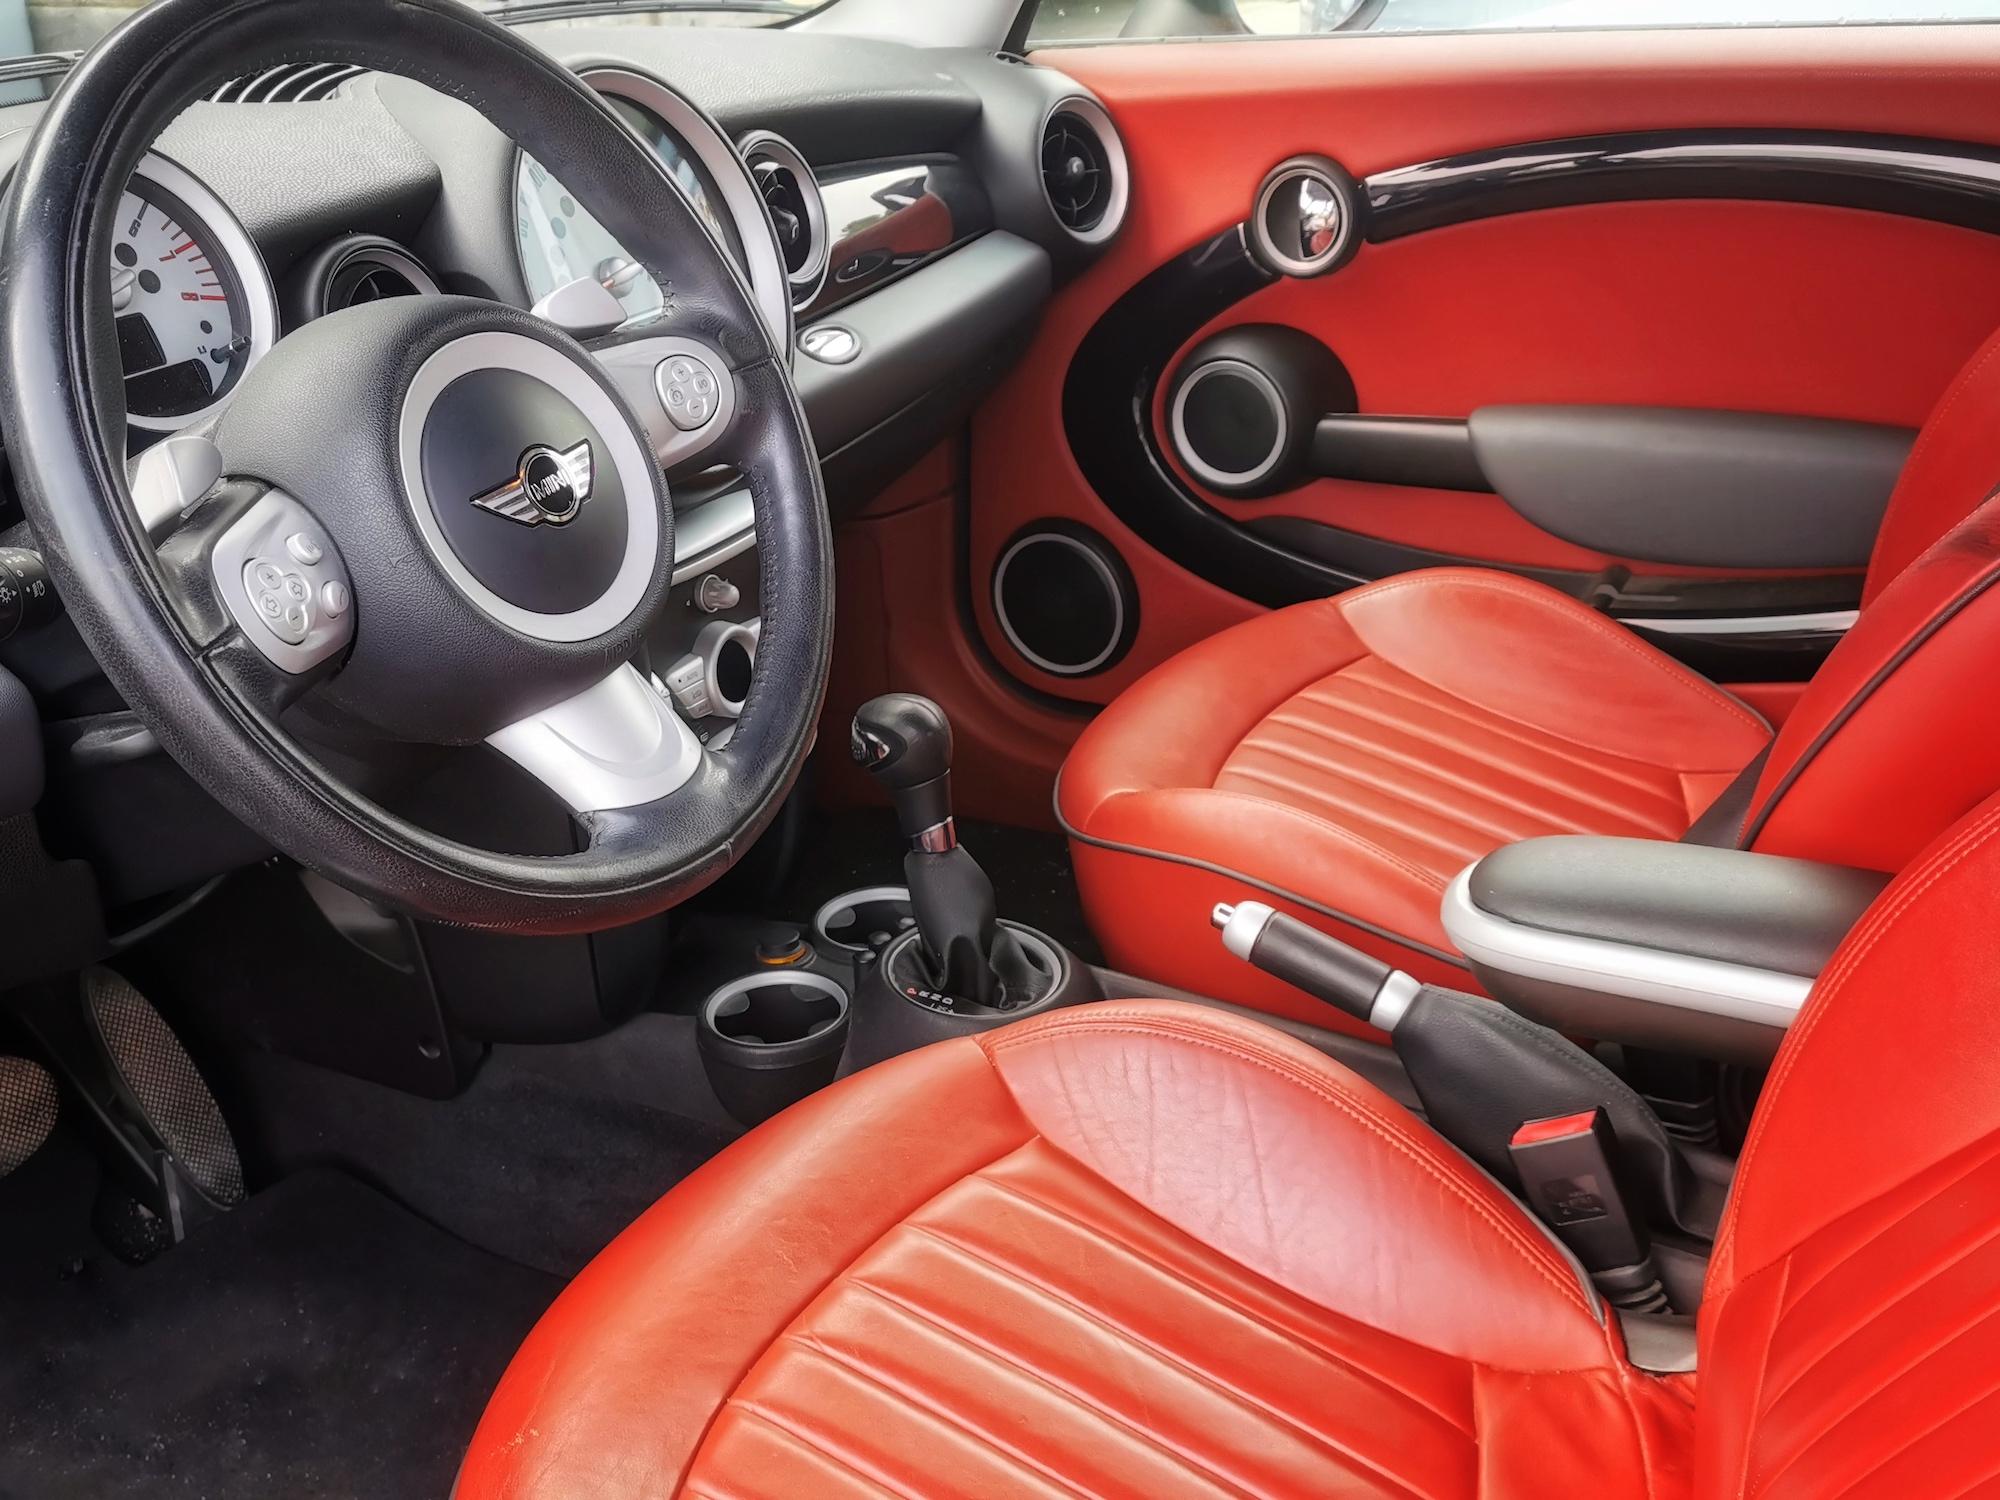 Mini Cooper 1.6i de 2010 - 120 cv - Boite auto.